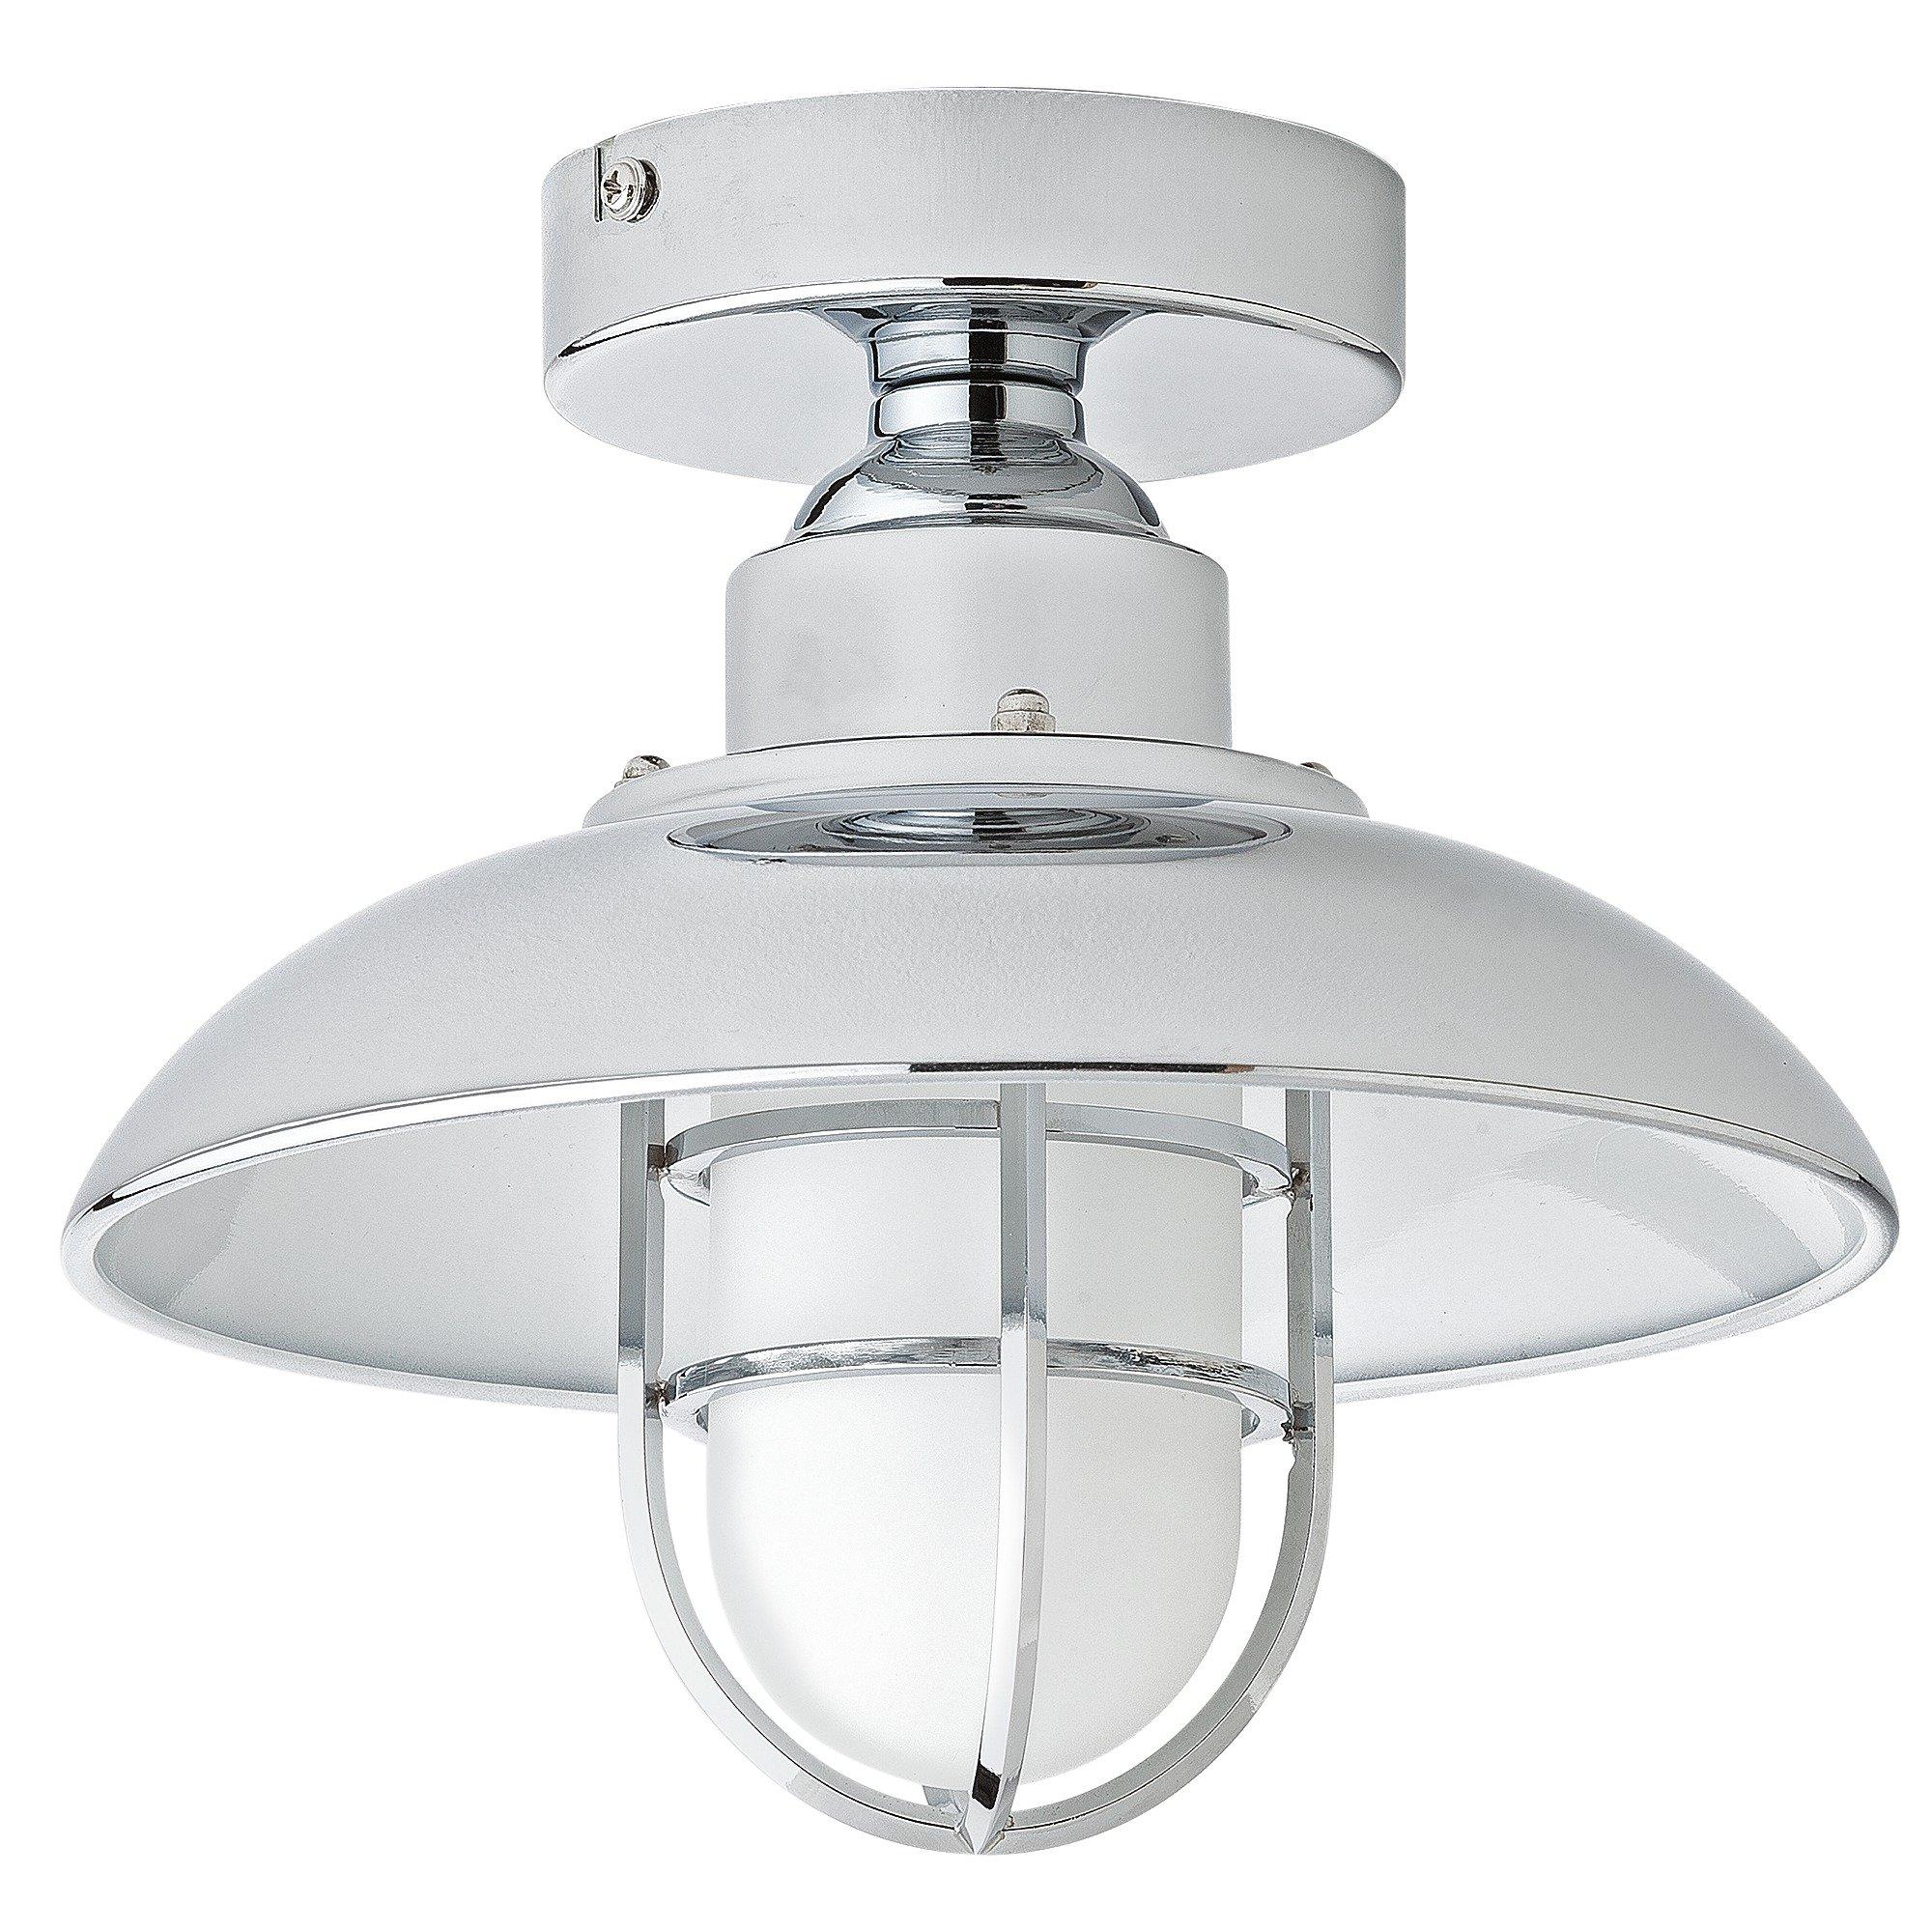 Argos Home – Kildare Fisherman Lantern Bathroom Light £23.33 @ Argos